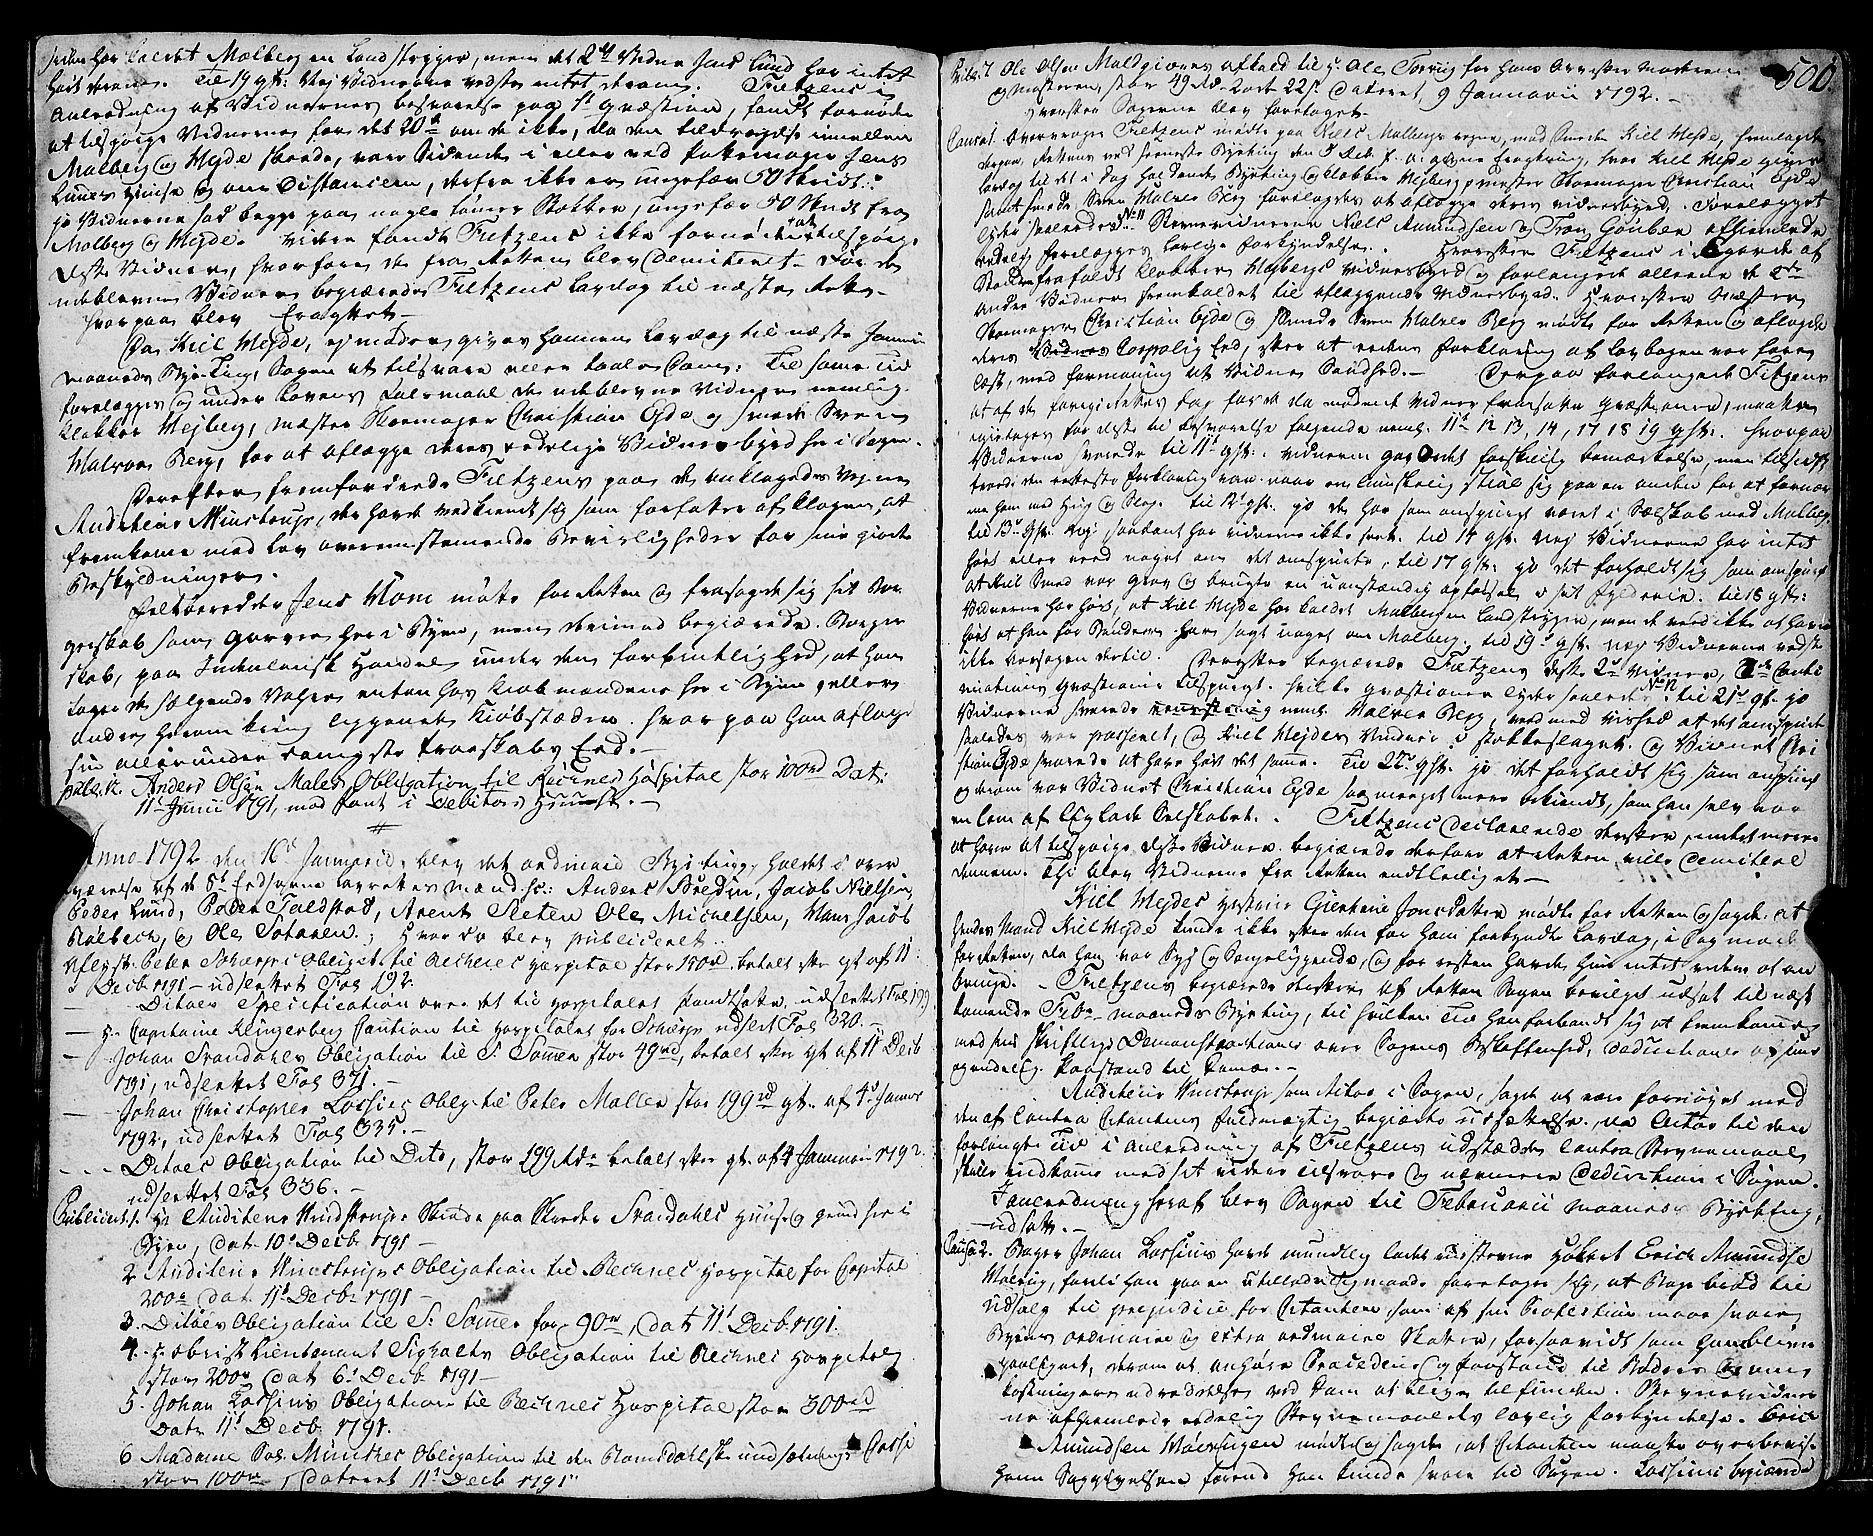 SAT, Molde byfogd, 1A/L0001: Justisprotokoll, 1764-1796, s. 501